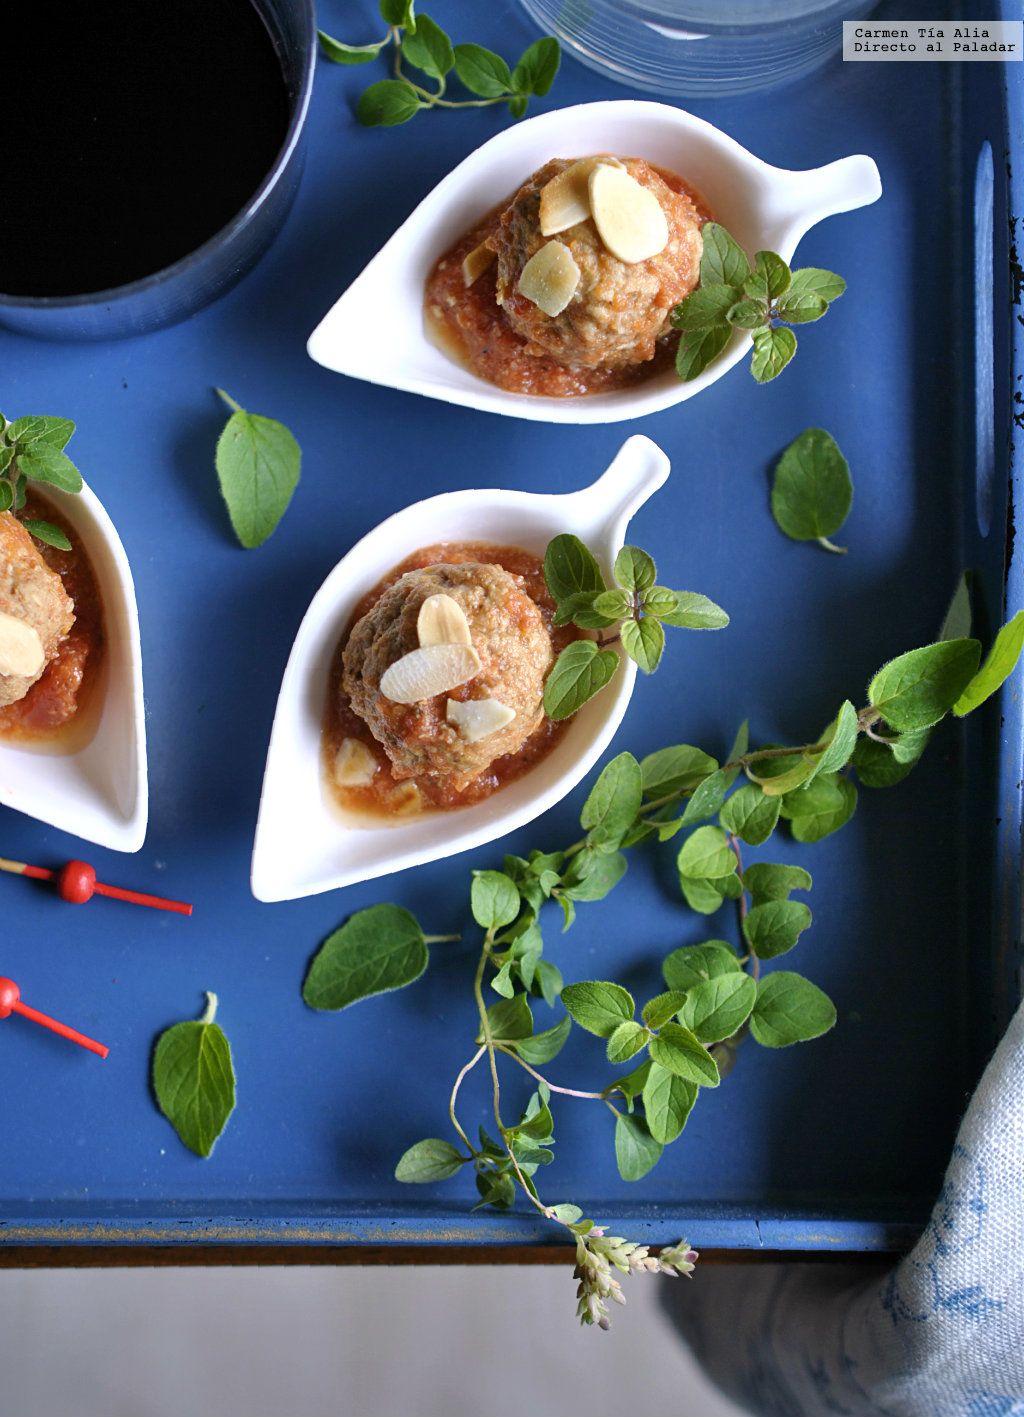 Albóndigas A La Provenzal En Crockpot Receta Libre De Grasas Receta Cocción Lenta Olla De Cocción Lenta Recetas Con Carne